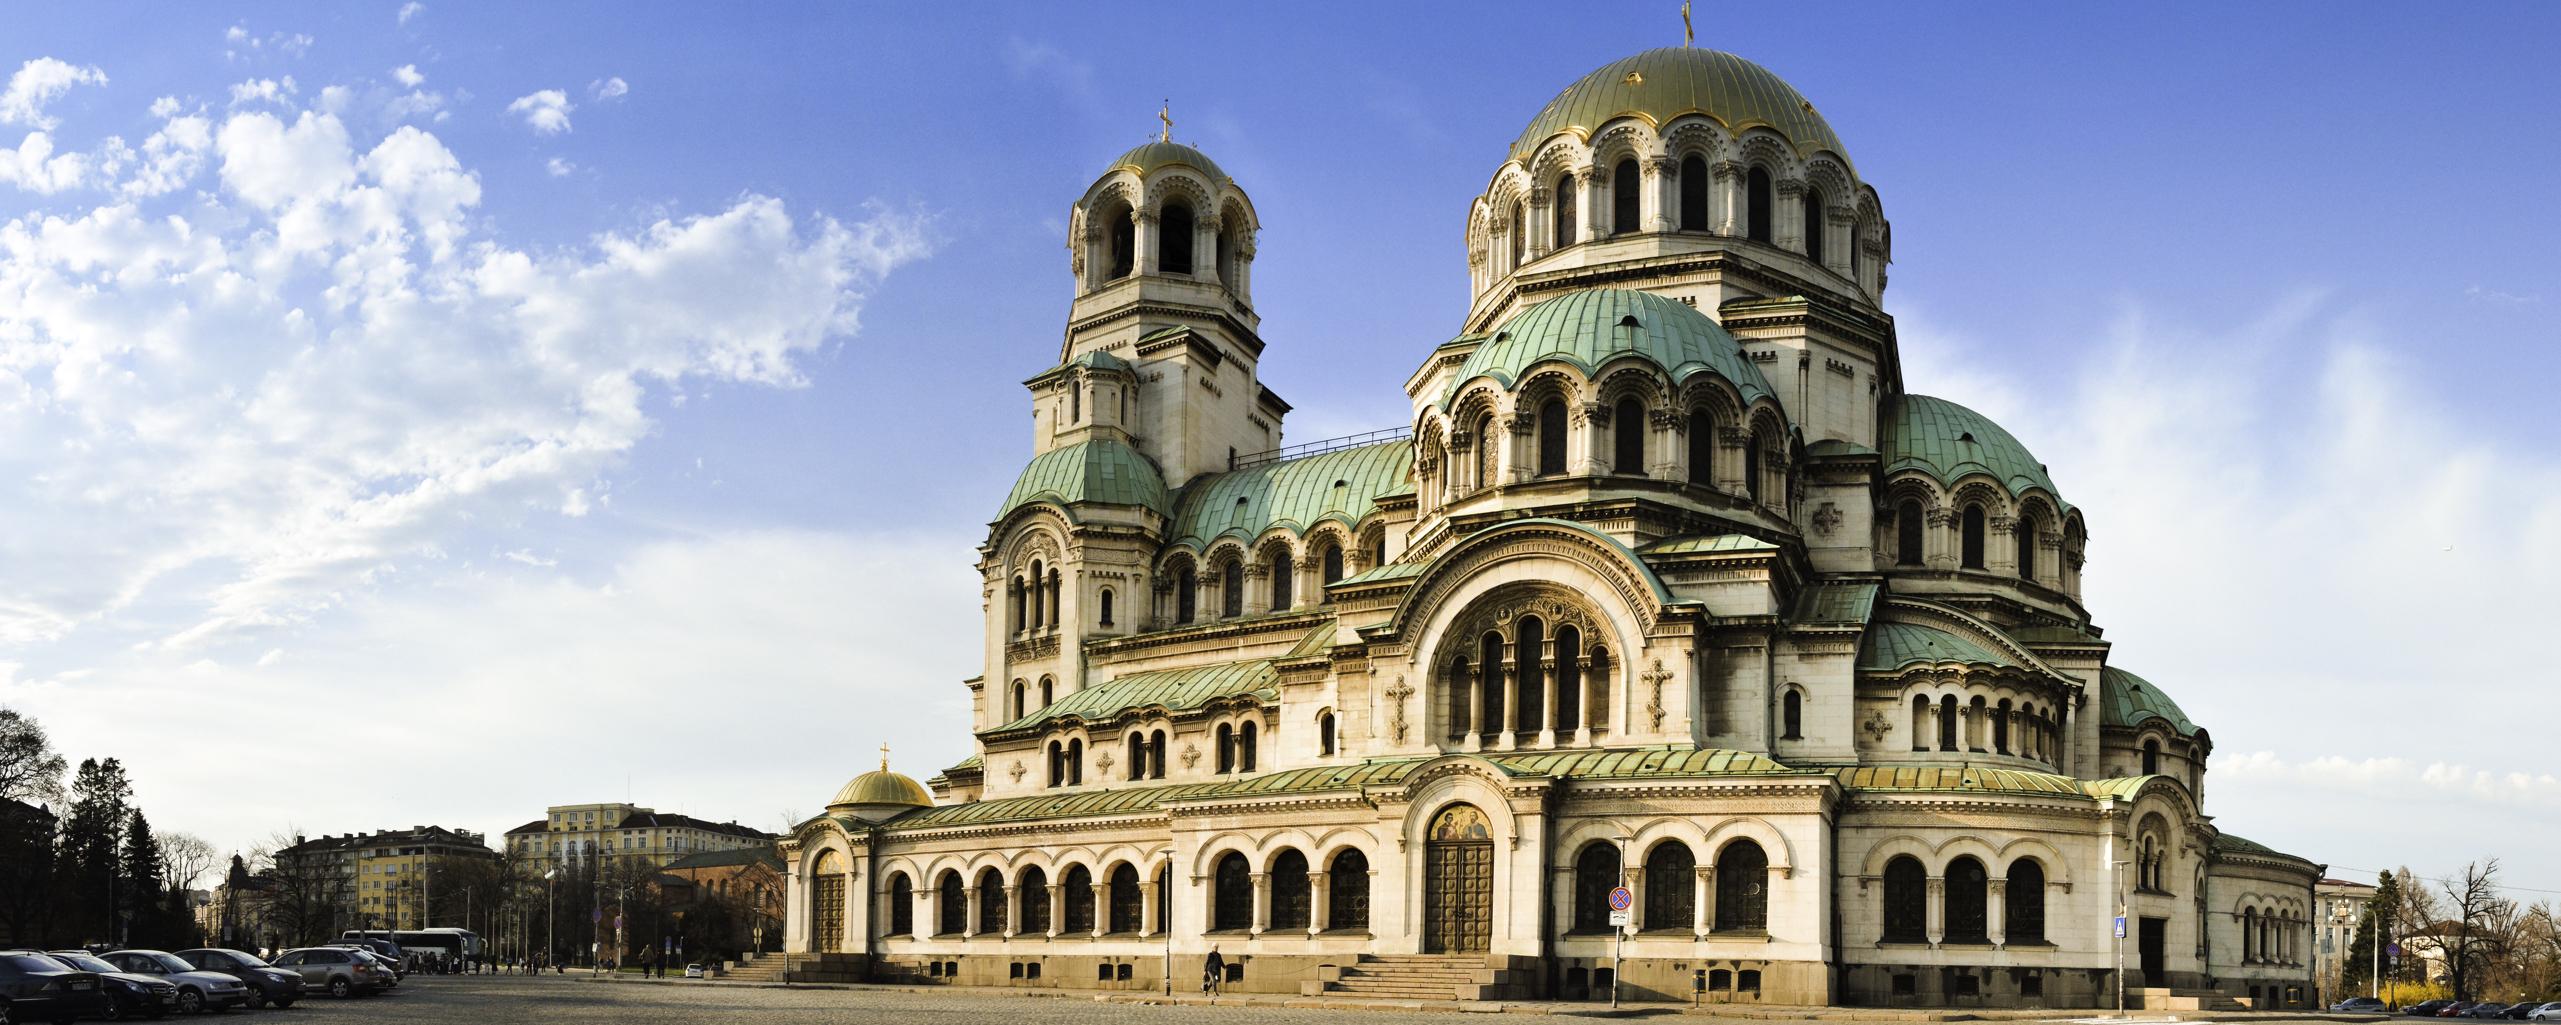 Ausbildung, Qualifizierung, Energieeffizienz, Klimaschutz, Bulgarien, AHK, Außenhandelskammer, Alexander-Newski-Kathedrale, DIHK, EUKI, BMUB